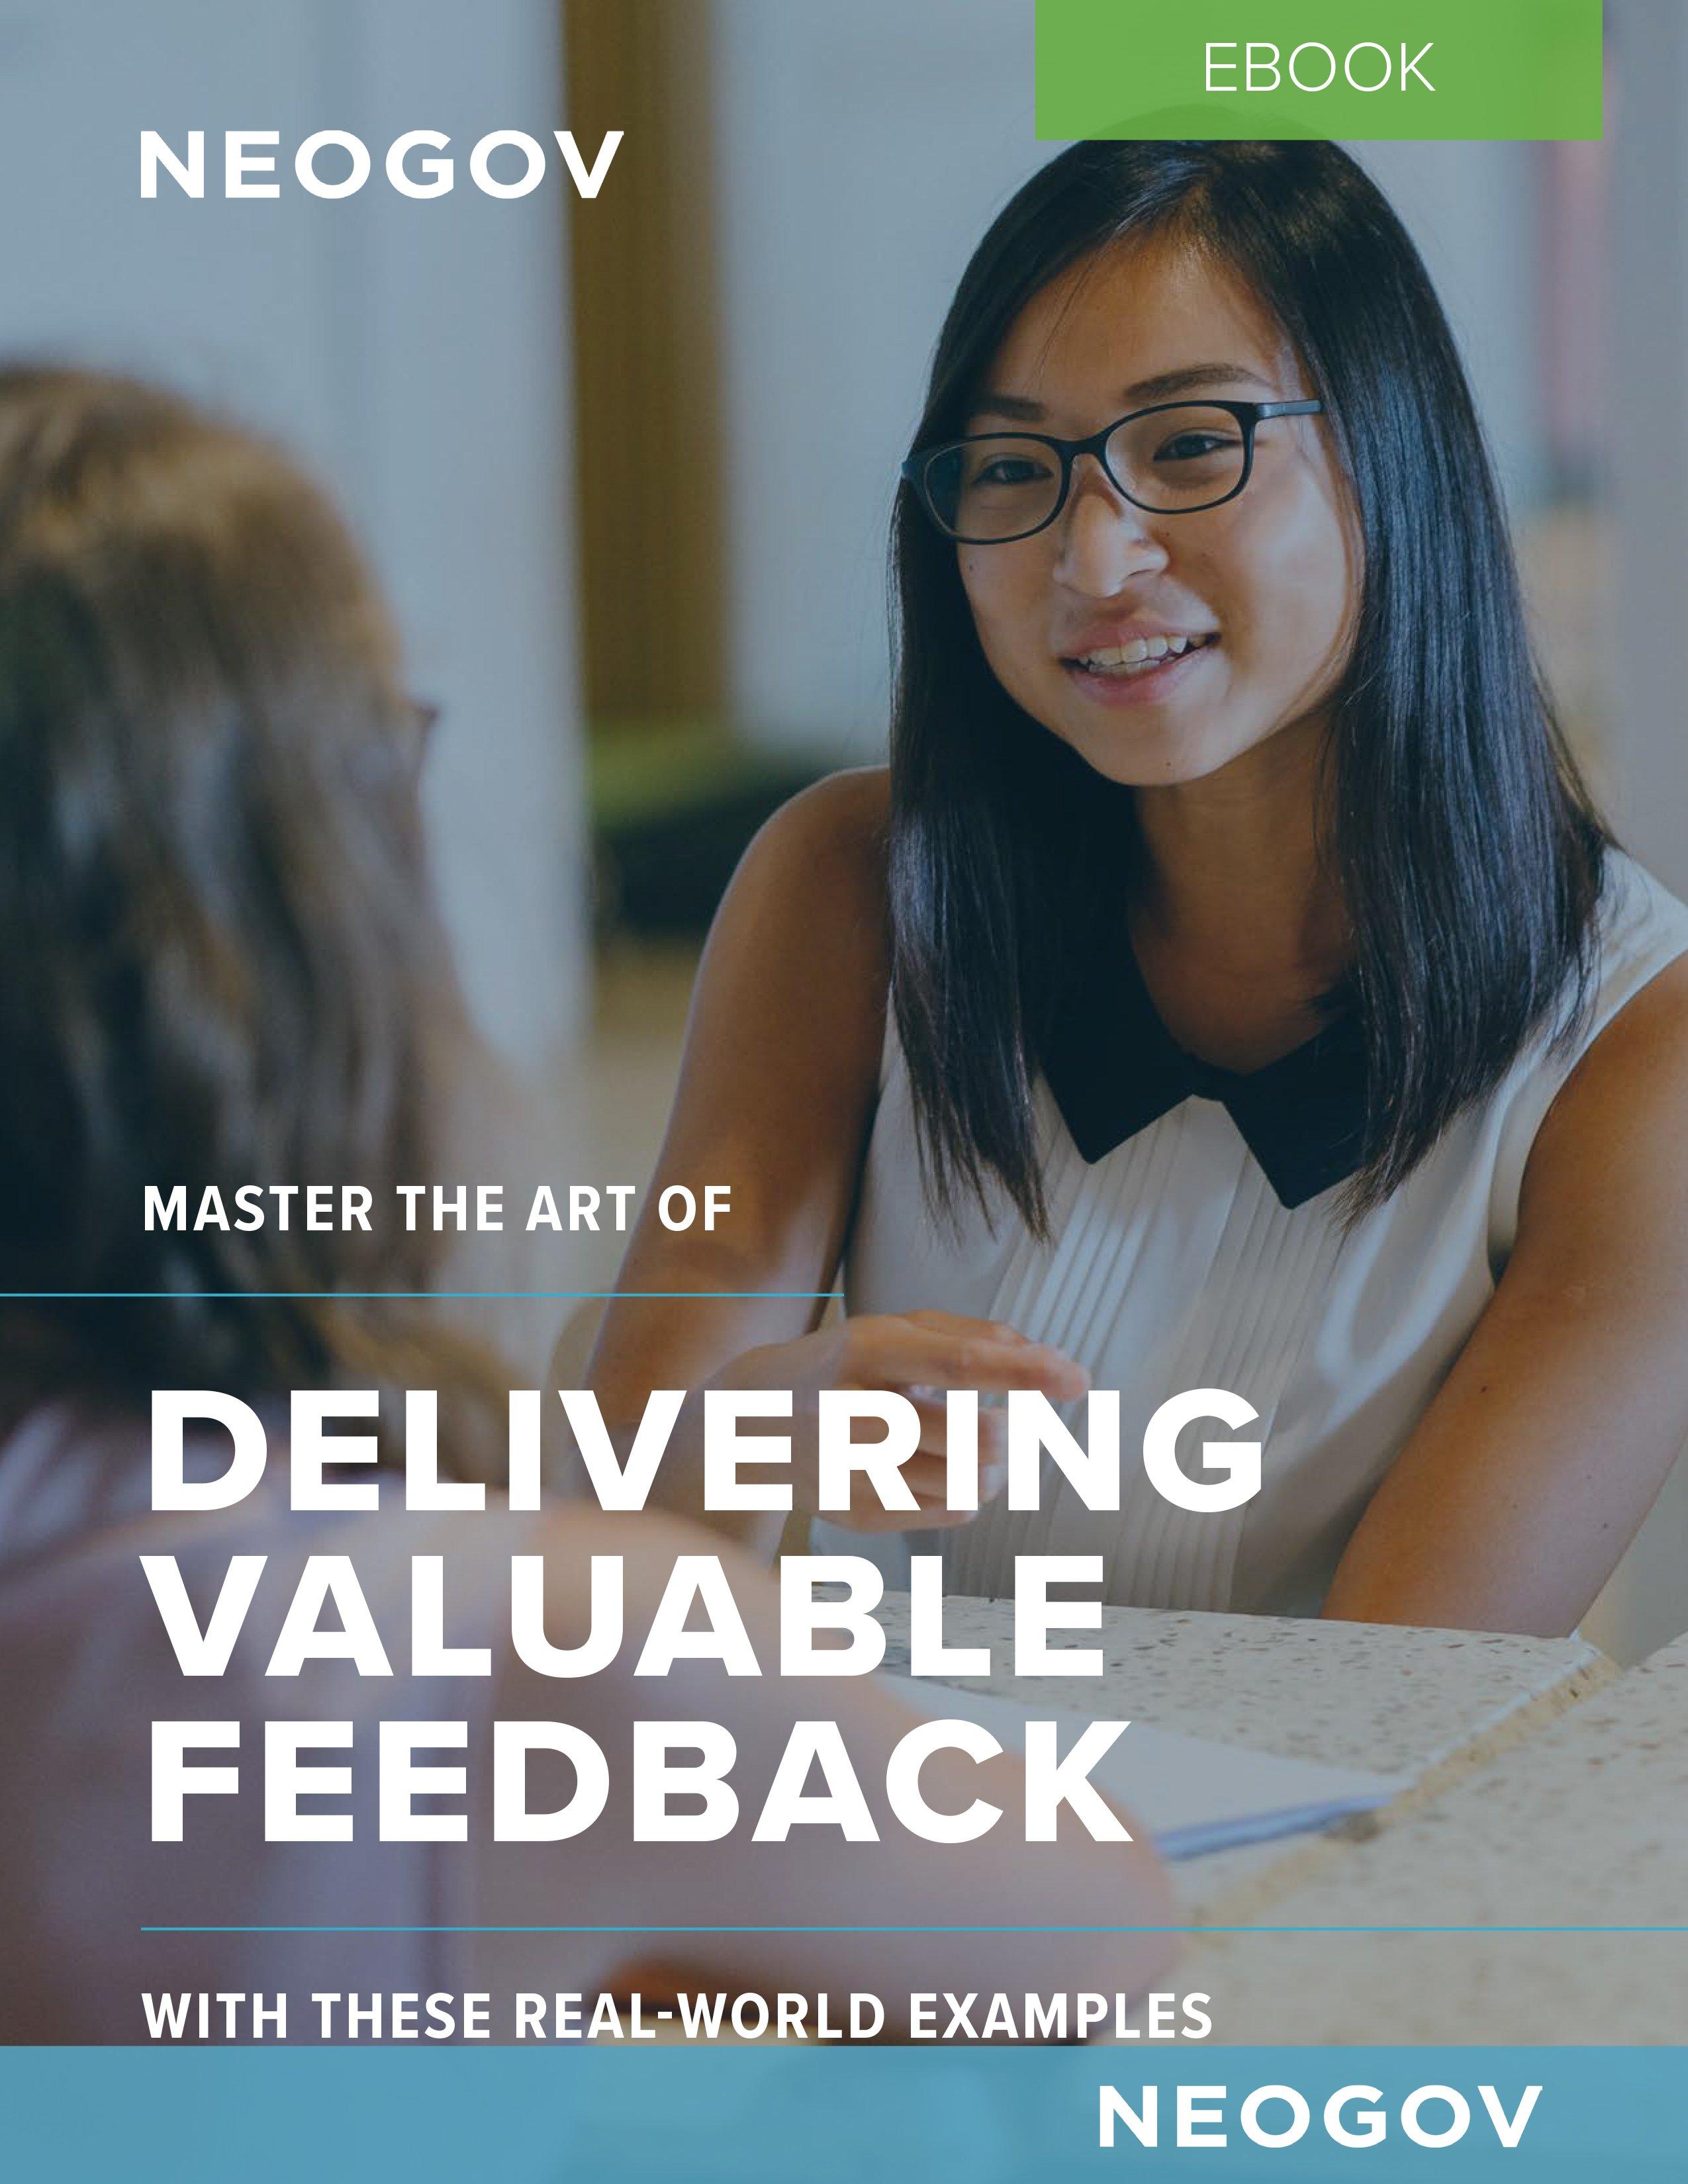 Delivering Valuable Feedback